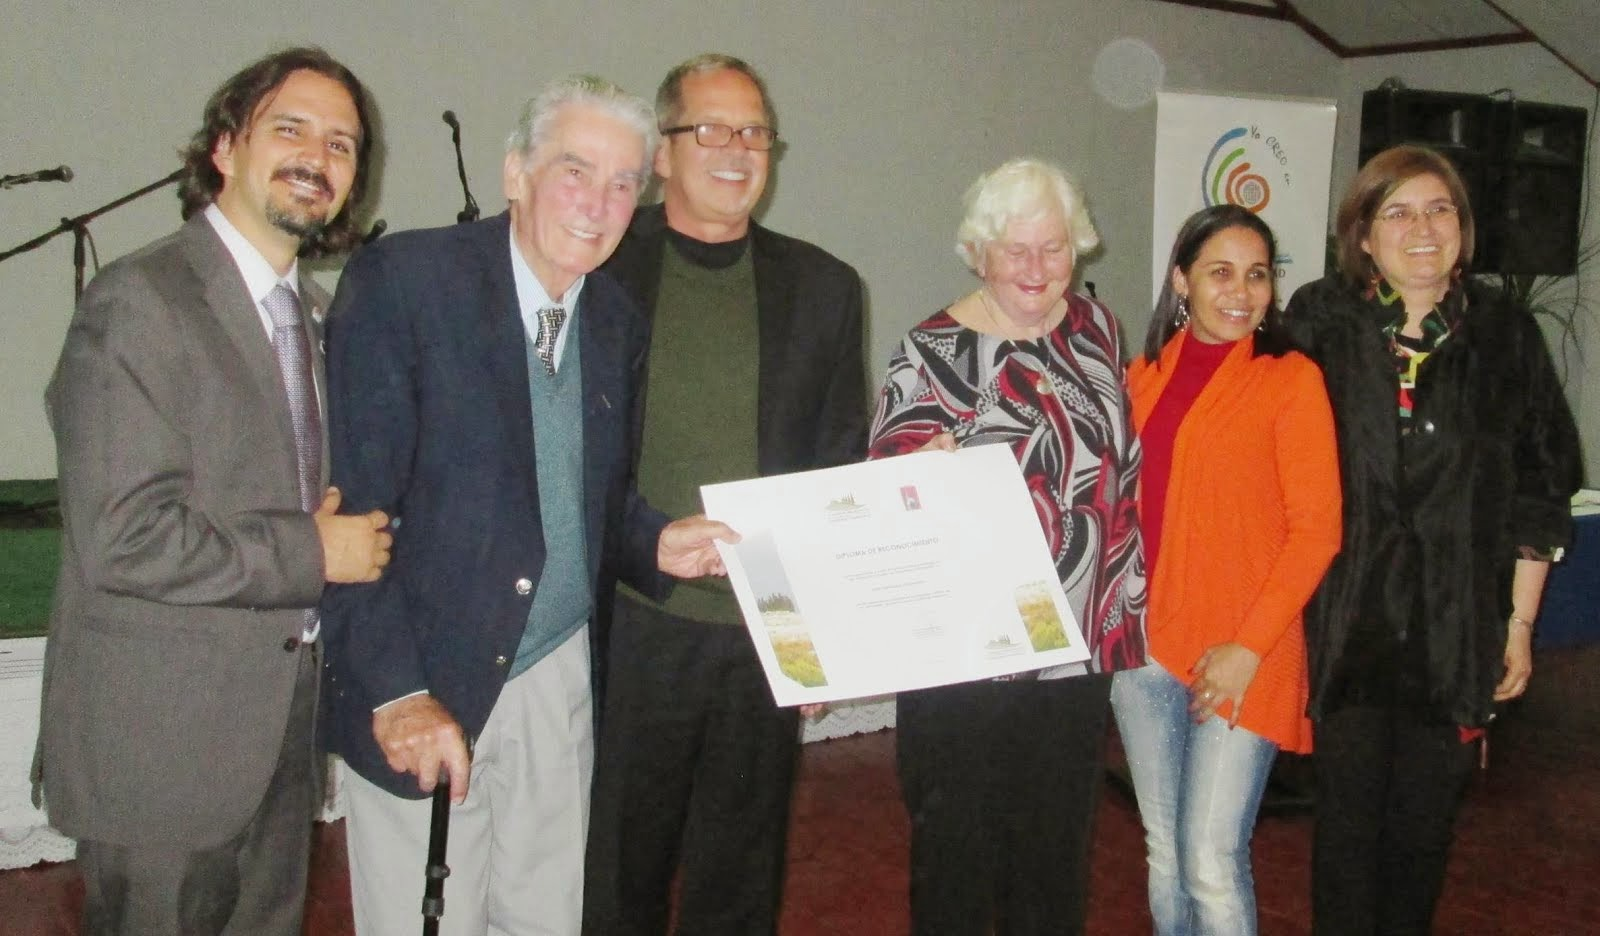 Convocatoria reconocimientos Red Iberoamericana de Cementerios 2015